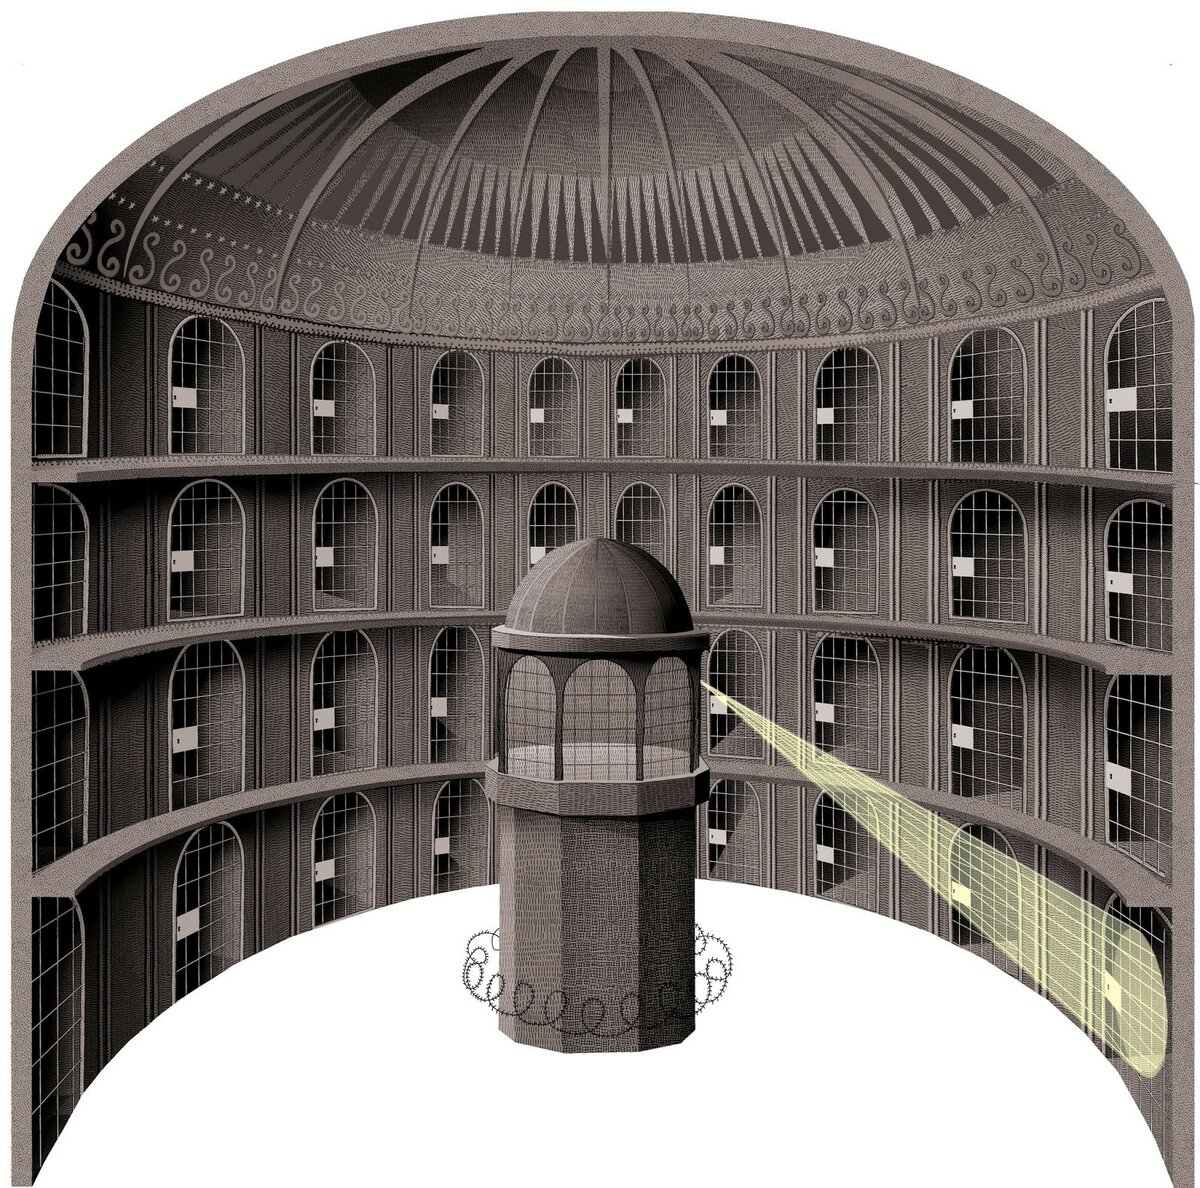 Паноптикум - это собрание, музей или тюрьма? :: syl.ru